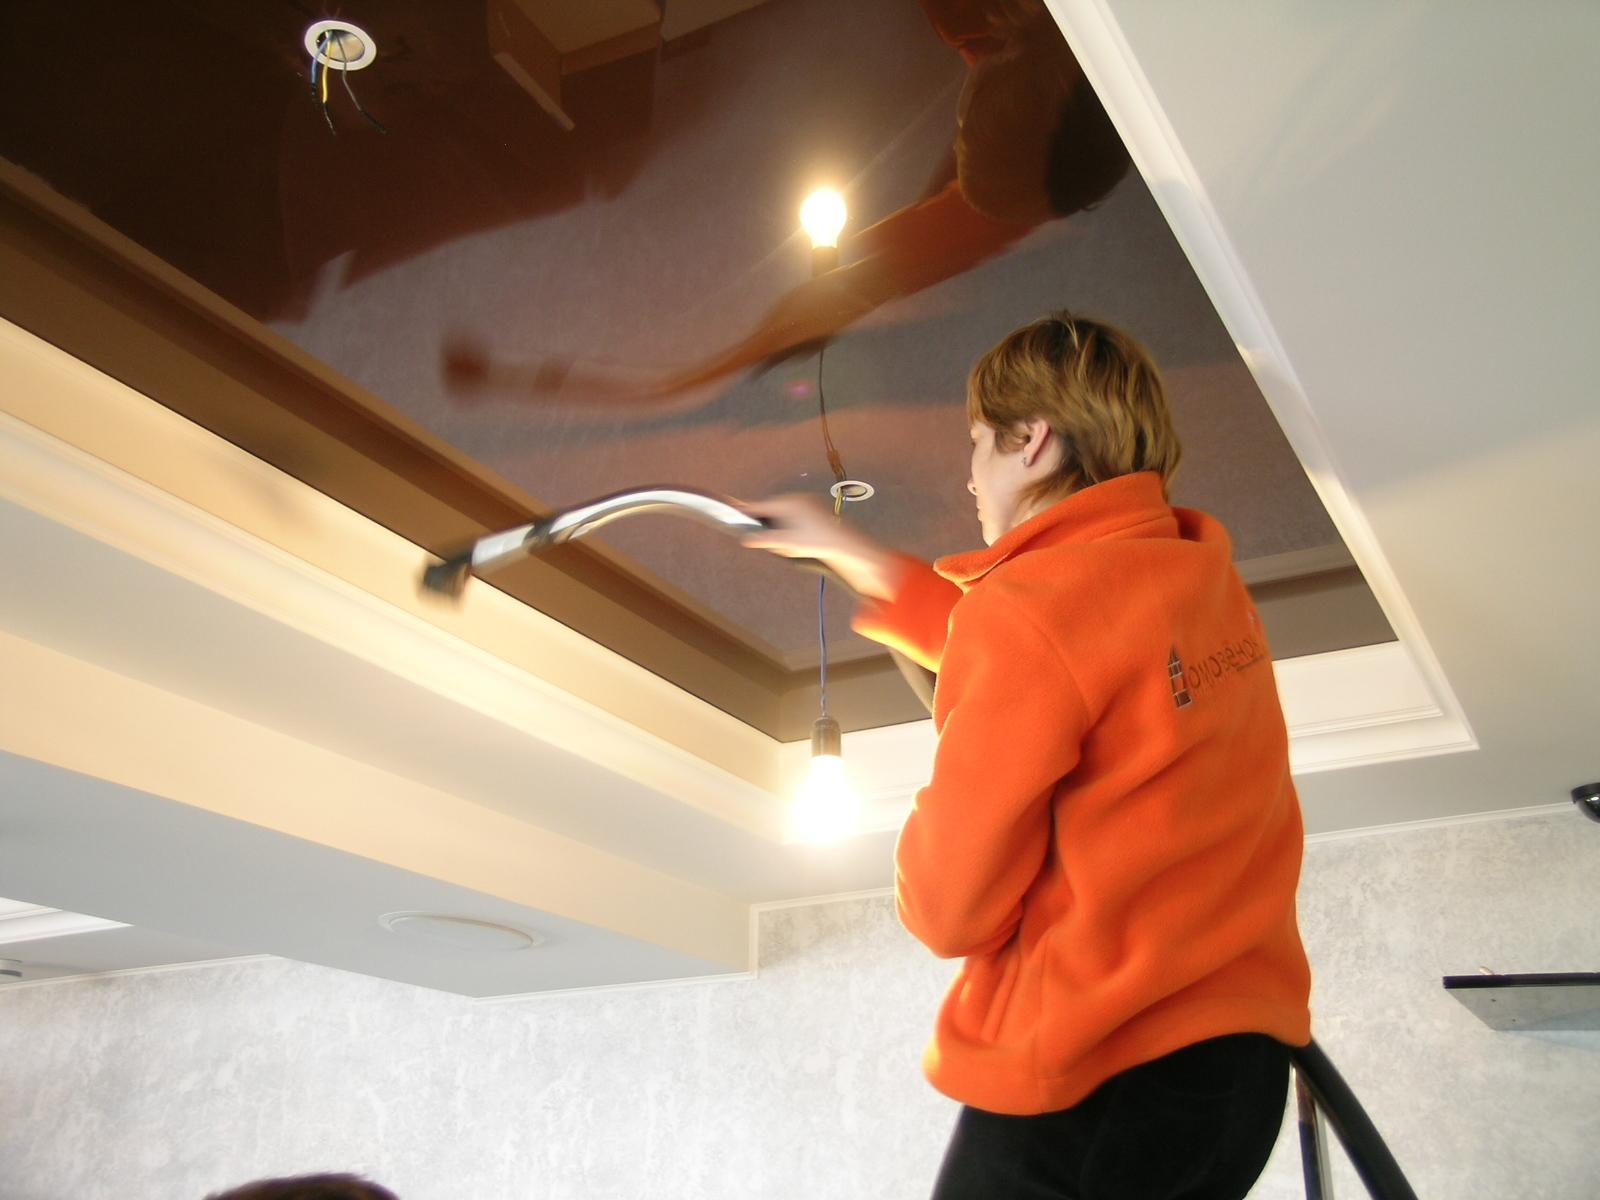 техника мытья натяжного потолка